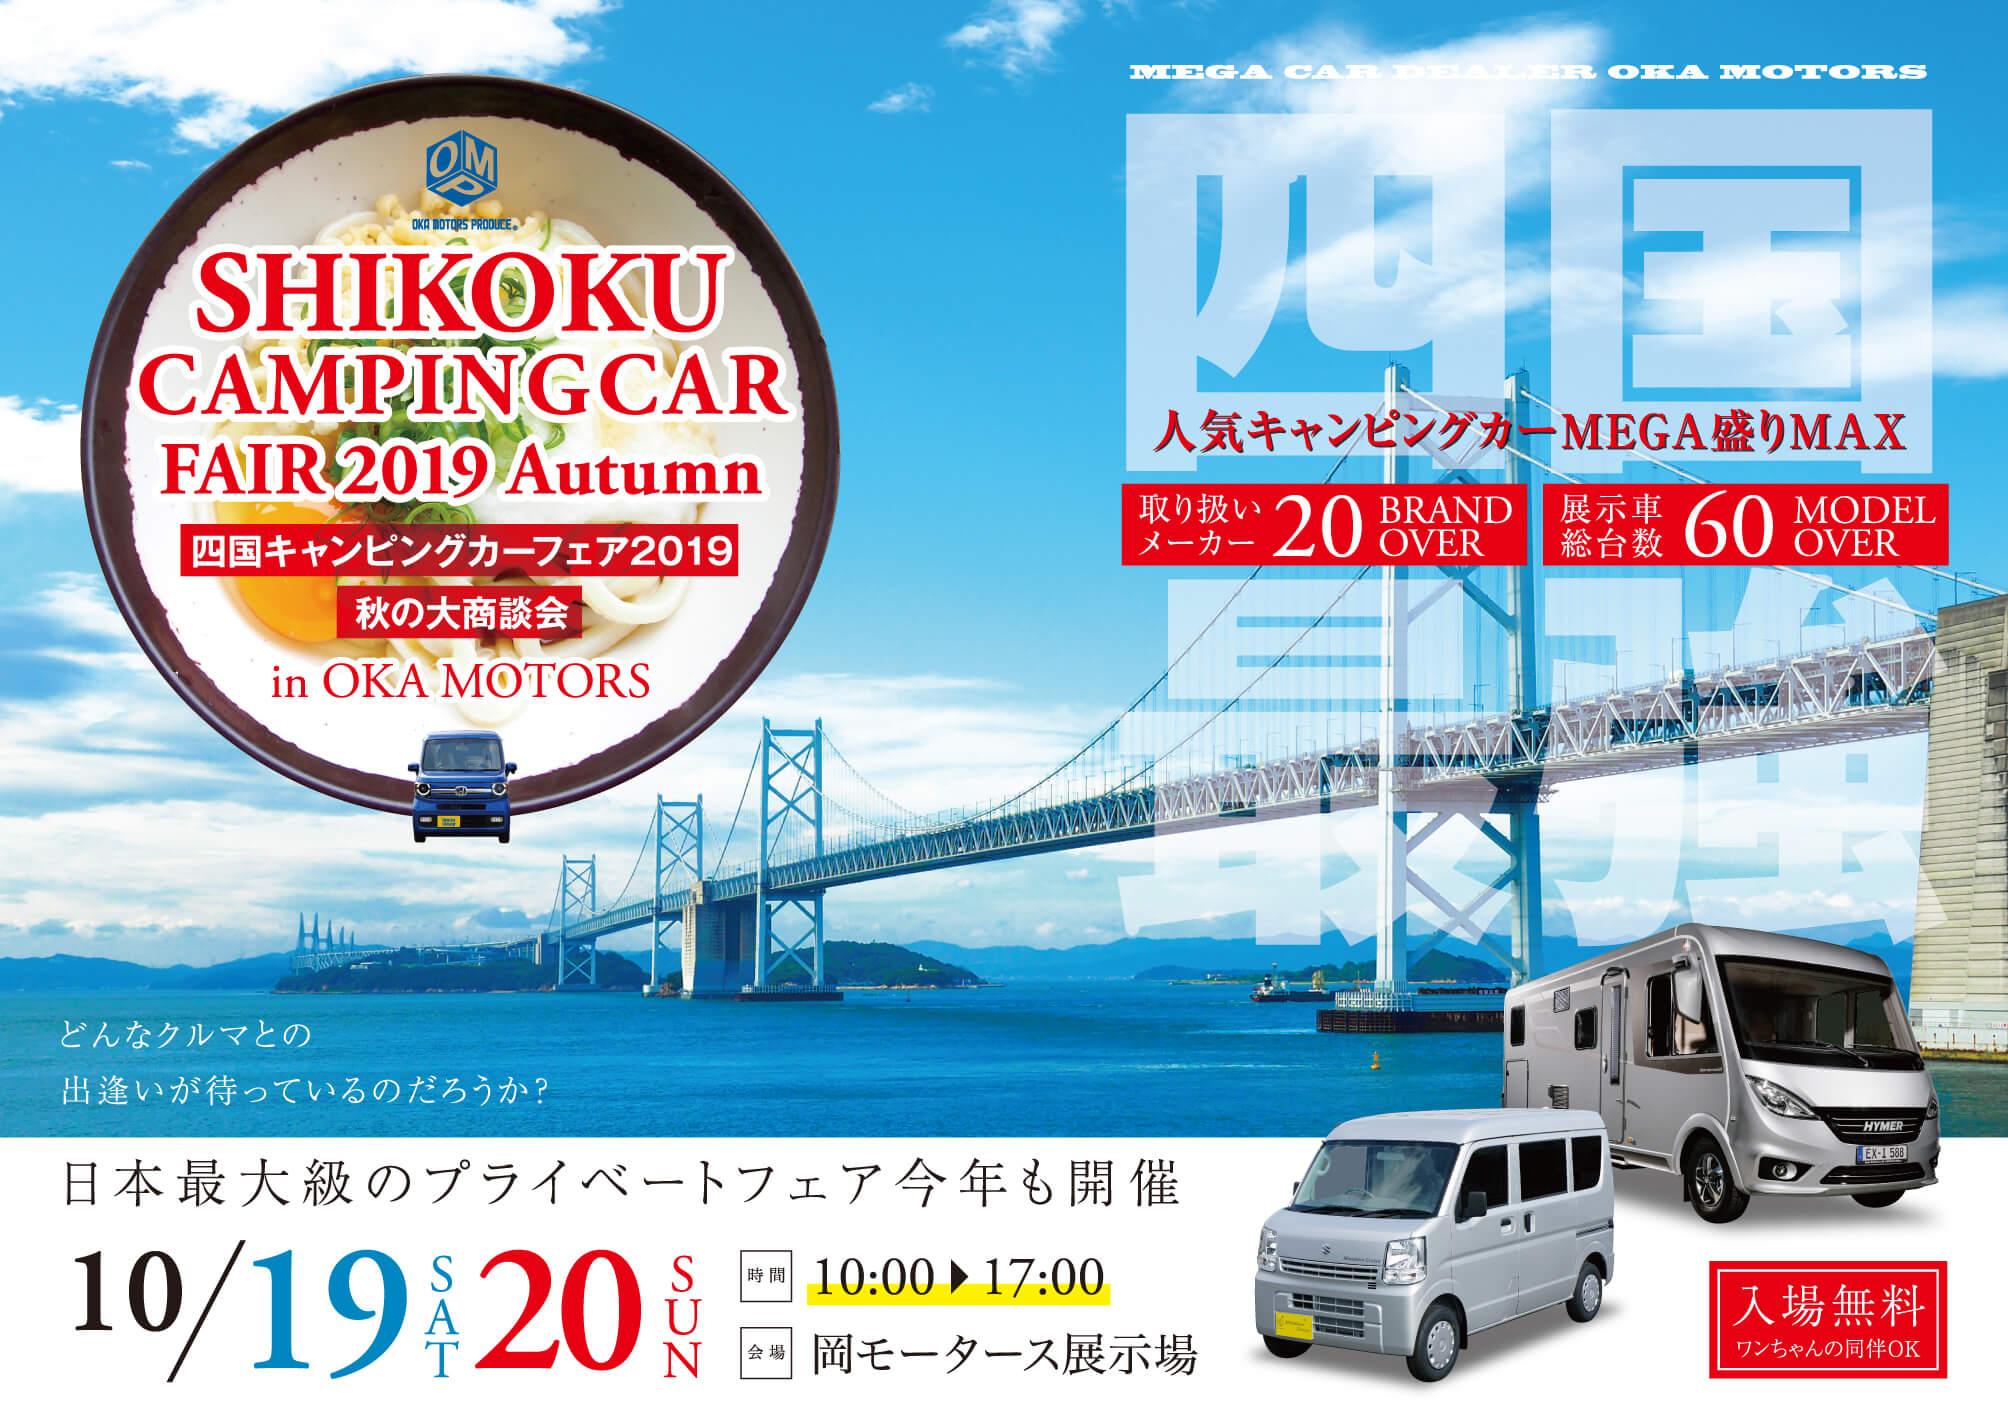 四国キャンピングカーショー in 岡モータース